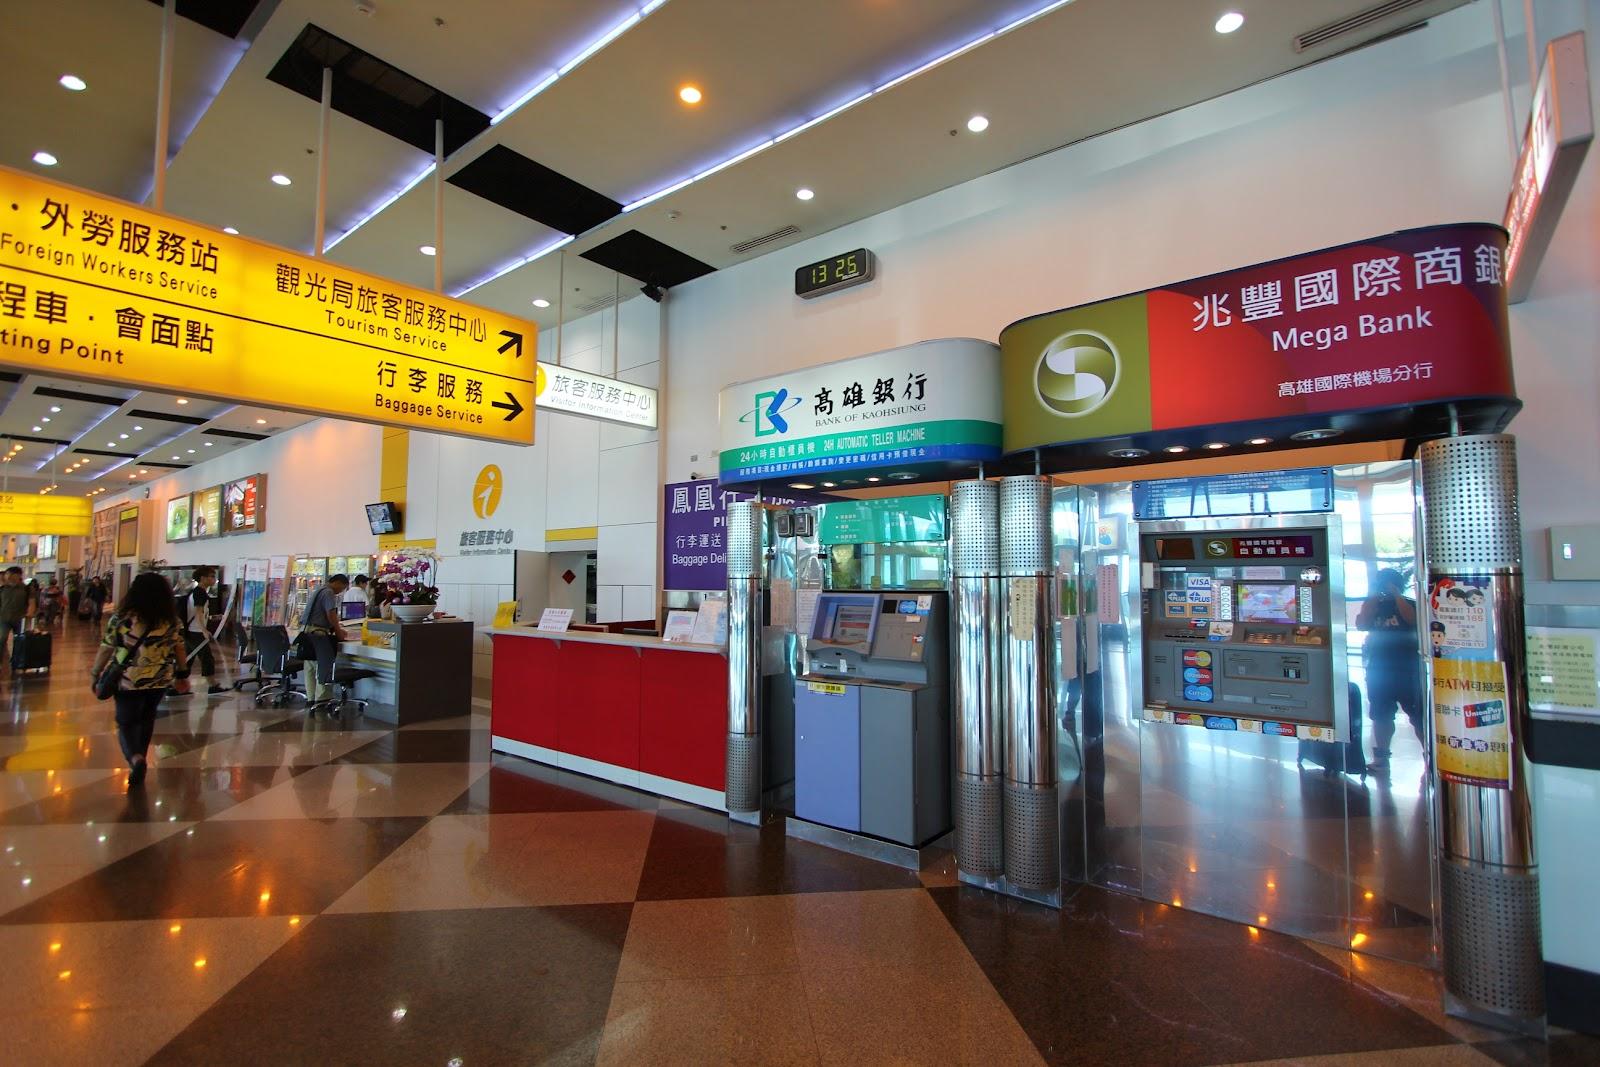 高雄機場 墾丁 換臺幣 換錢 ATM櫃位 兆豐國際商銀 - - SeeWide